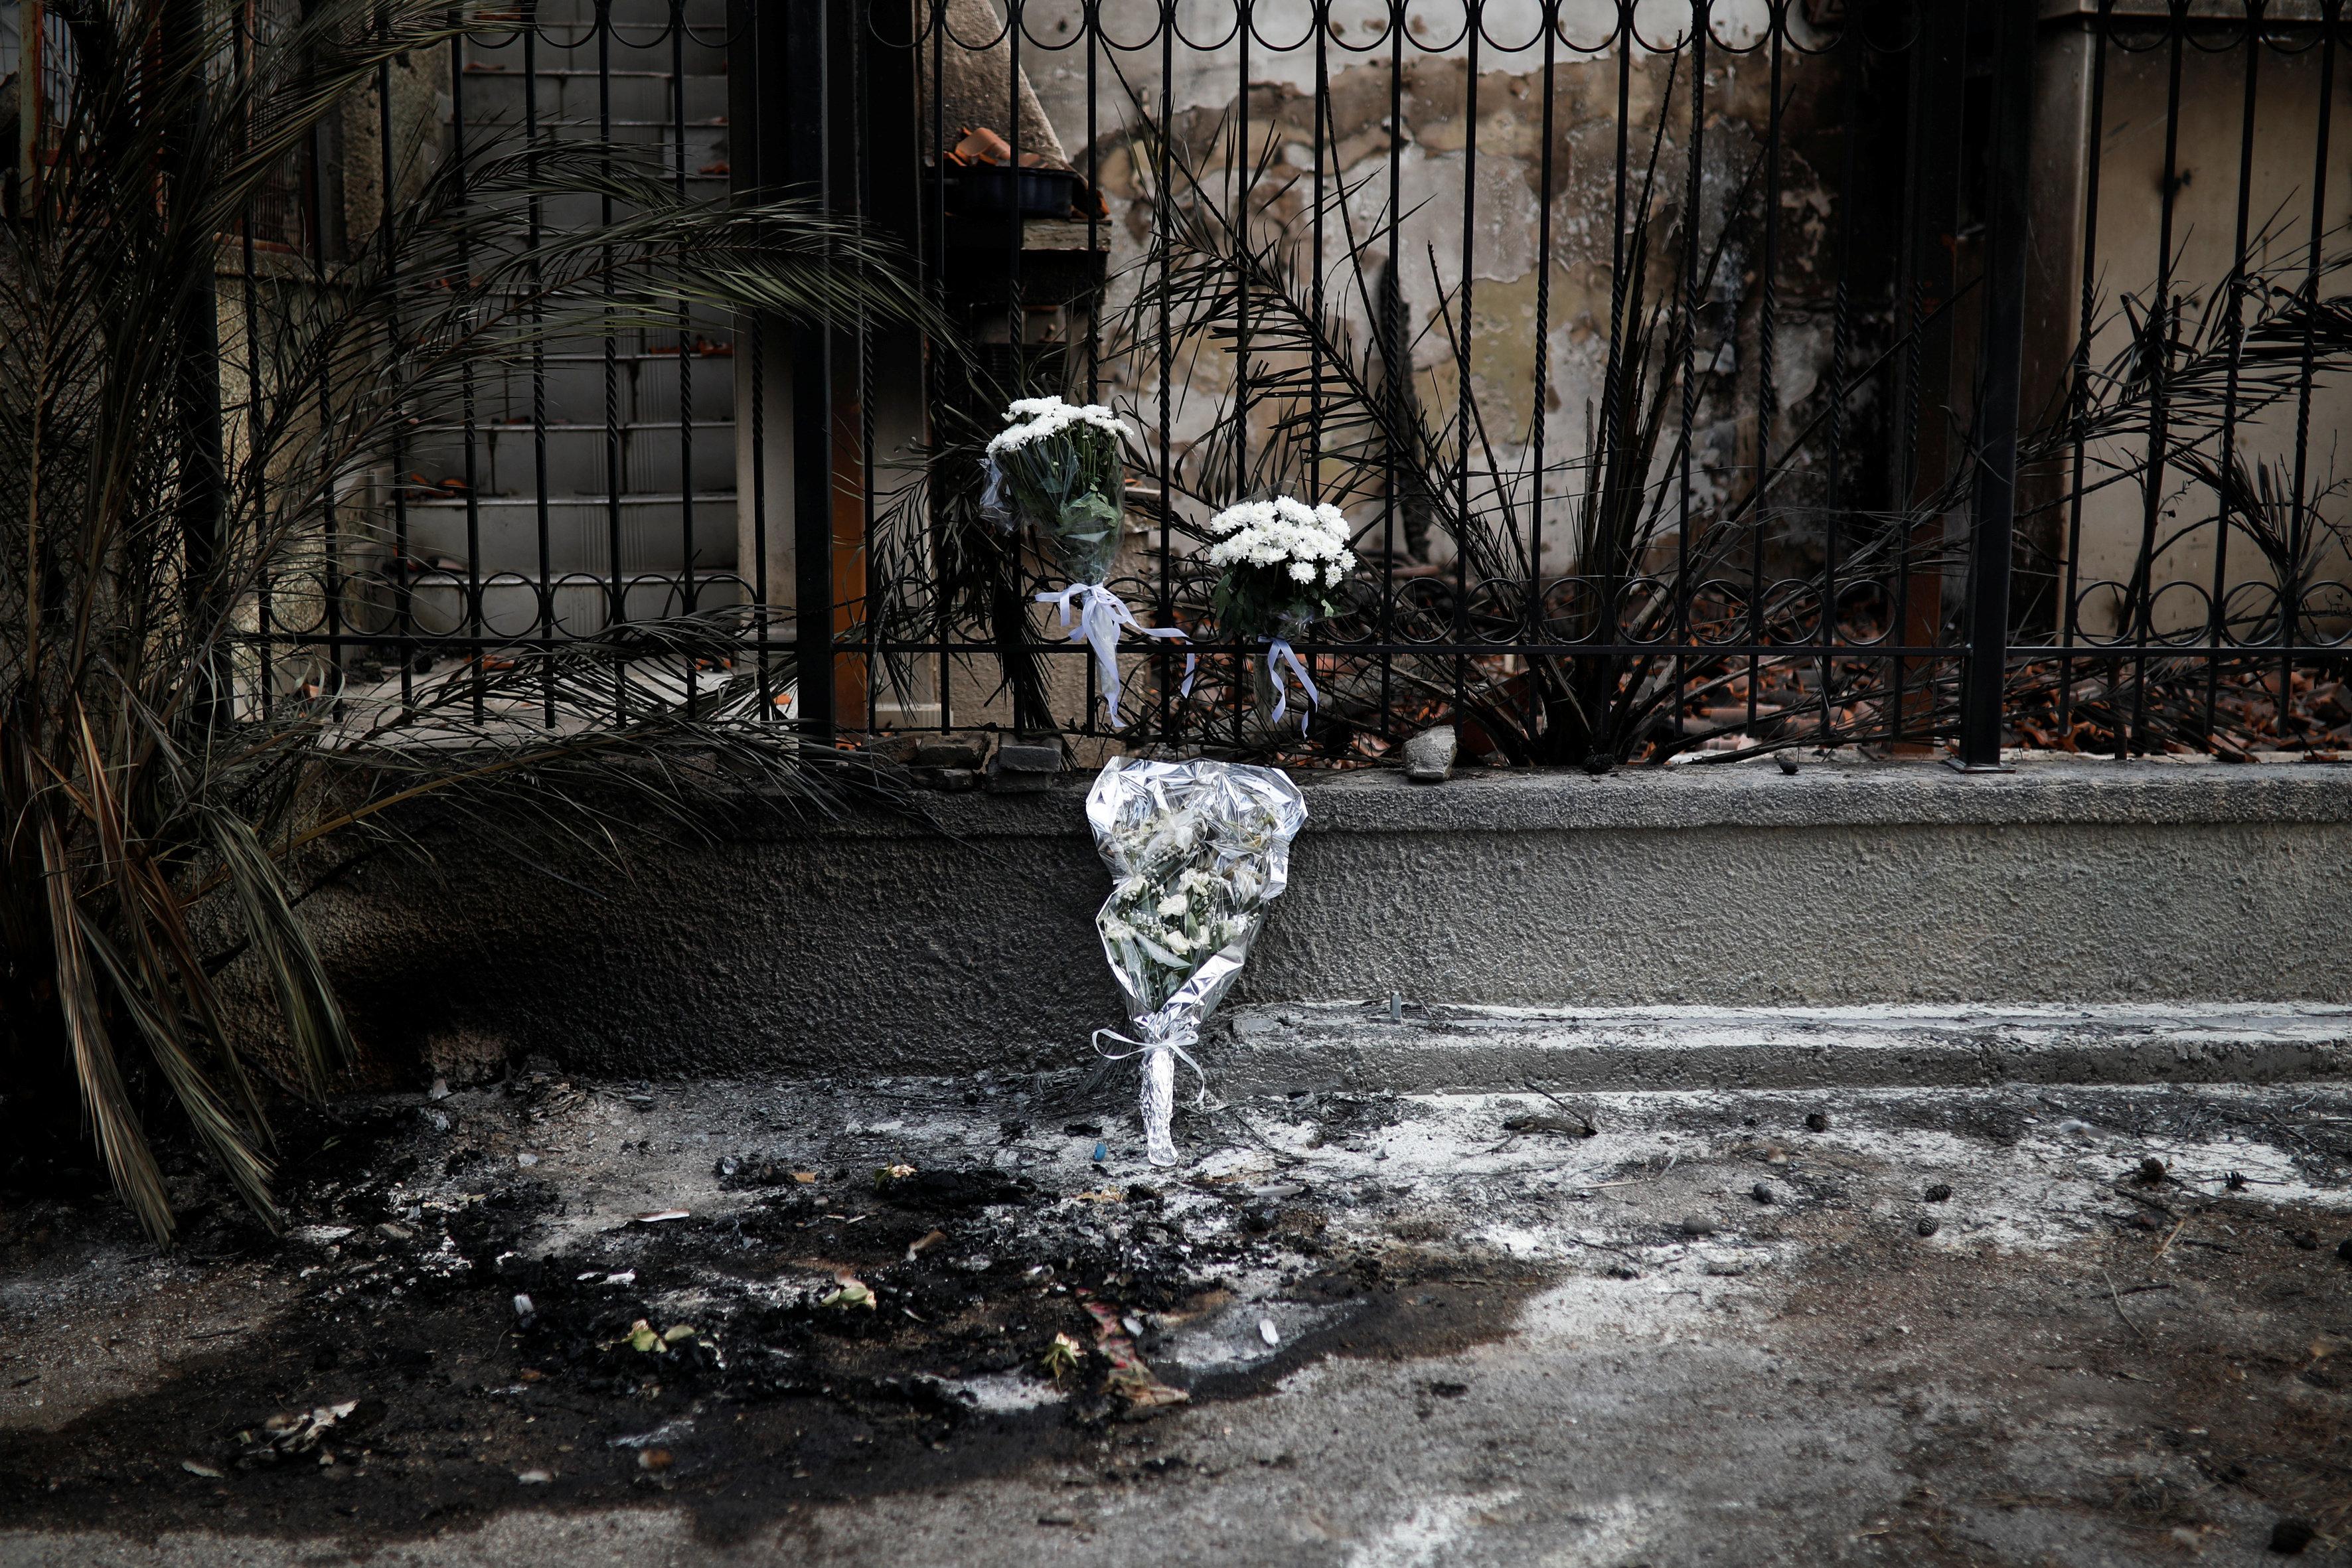 Πυροσβέστης επιχειρούσε στις φωτιές και το 6 μηνών παιδί του πέθαινε στην πύρινη